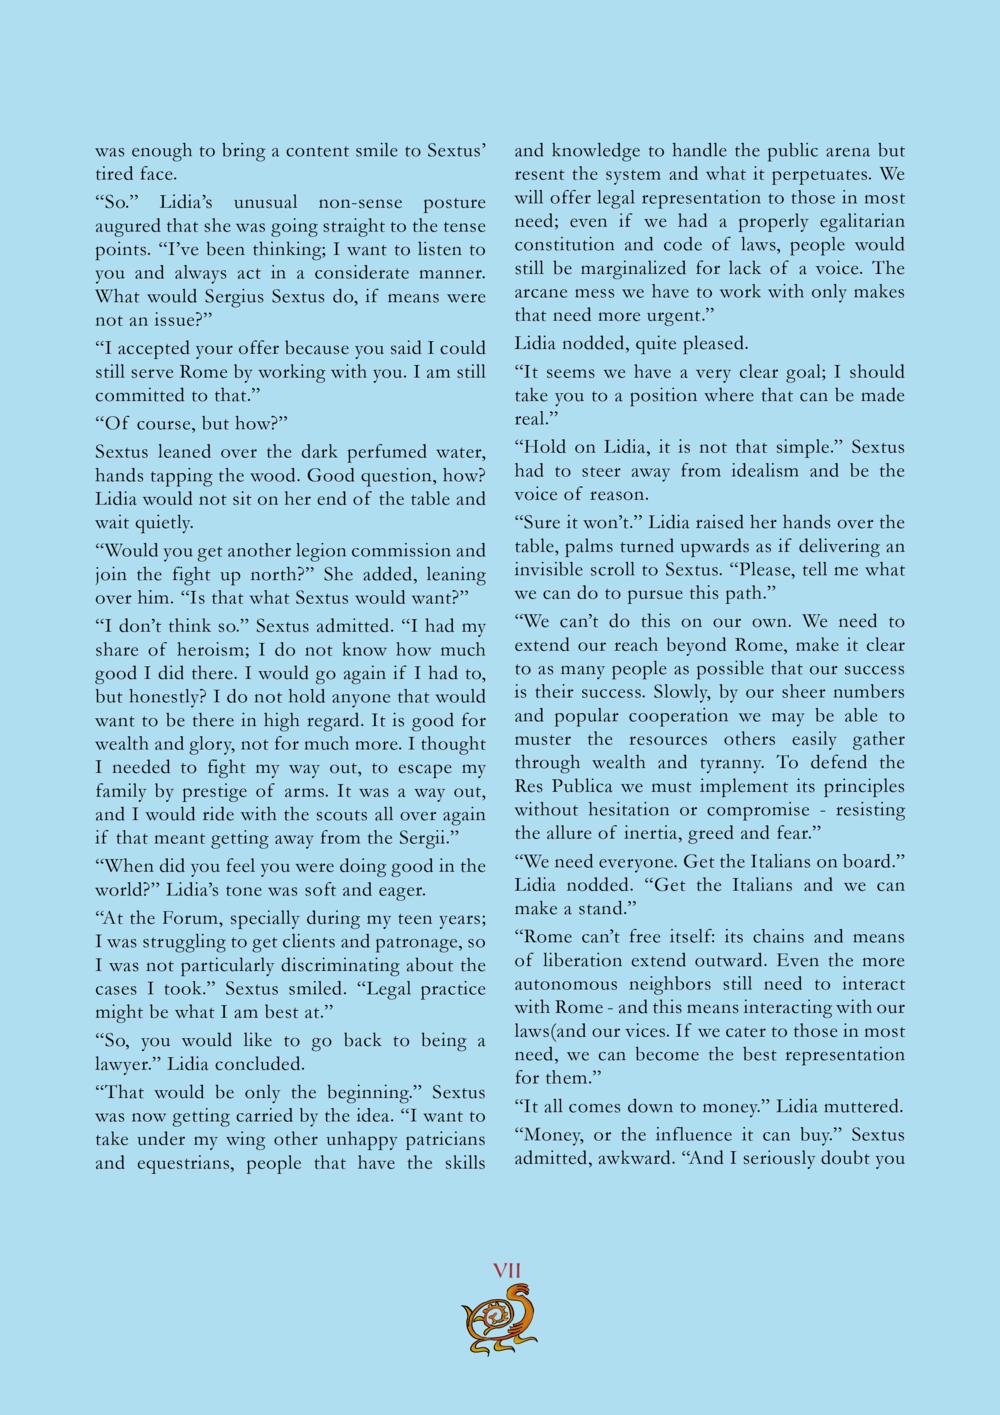 Celeres Part III7.png